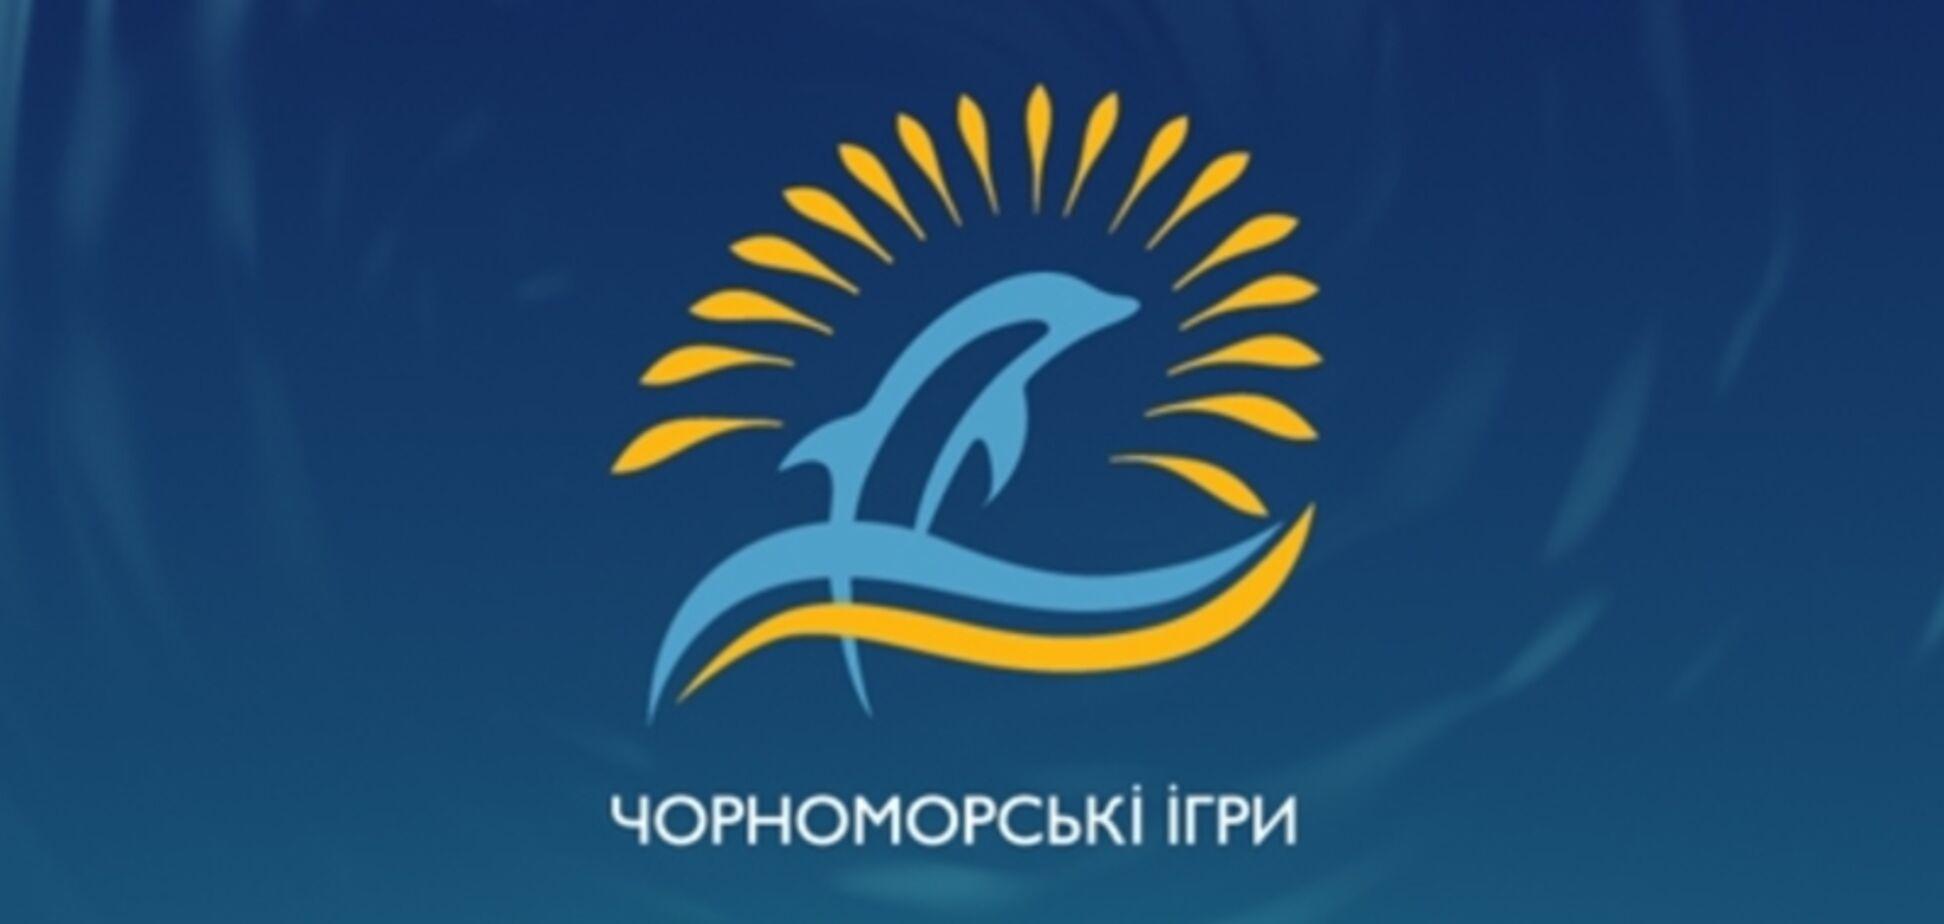 Фестиваль 'Чорноморські ігри-2020' перенесли: коли відбудеться музичний конкурс